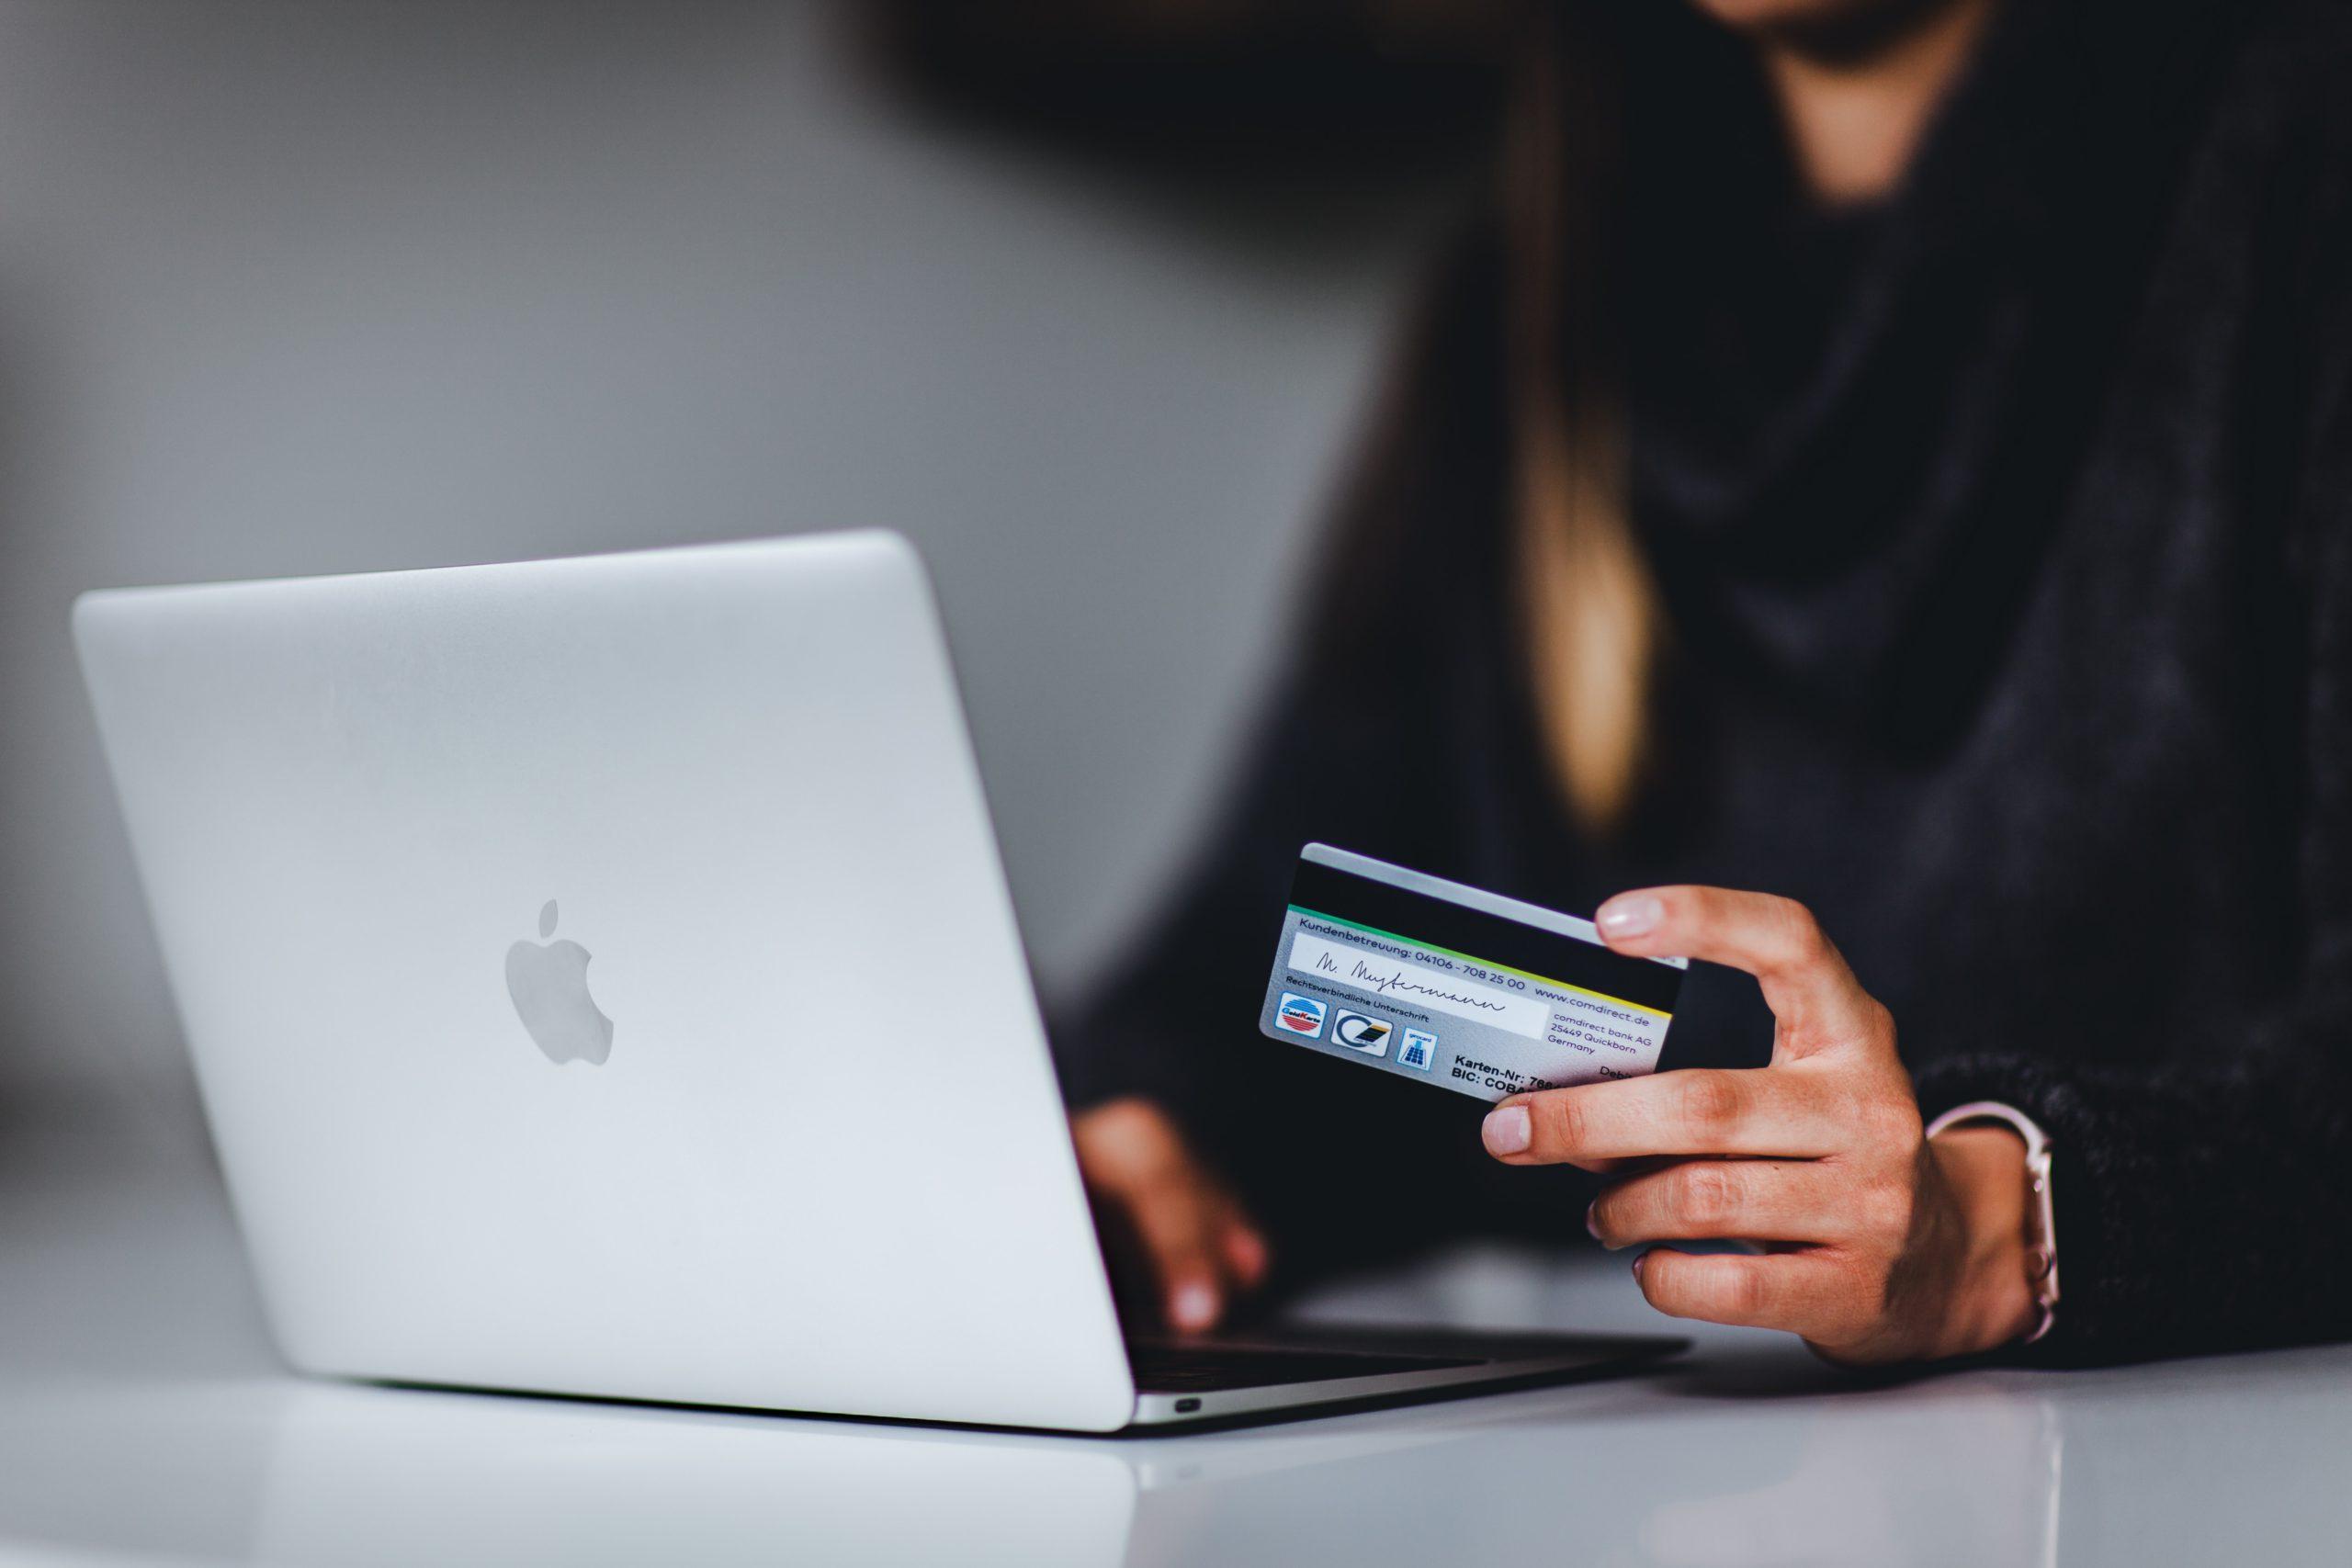 Logística no e-commerce: em busca da rapidez, produtividade e rentabilidade na entrega